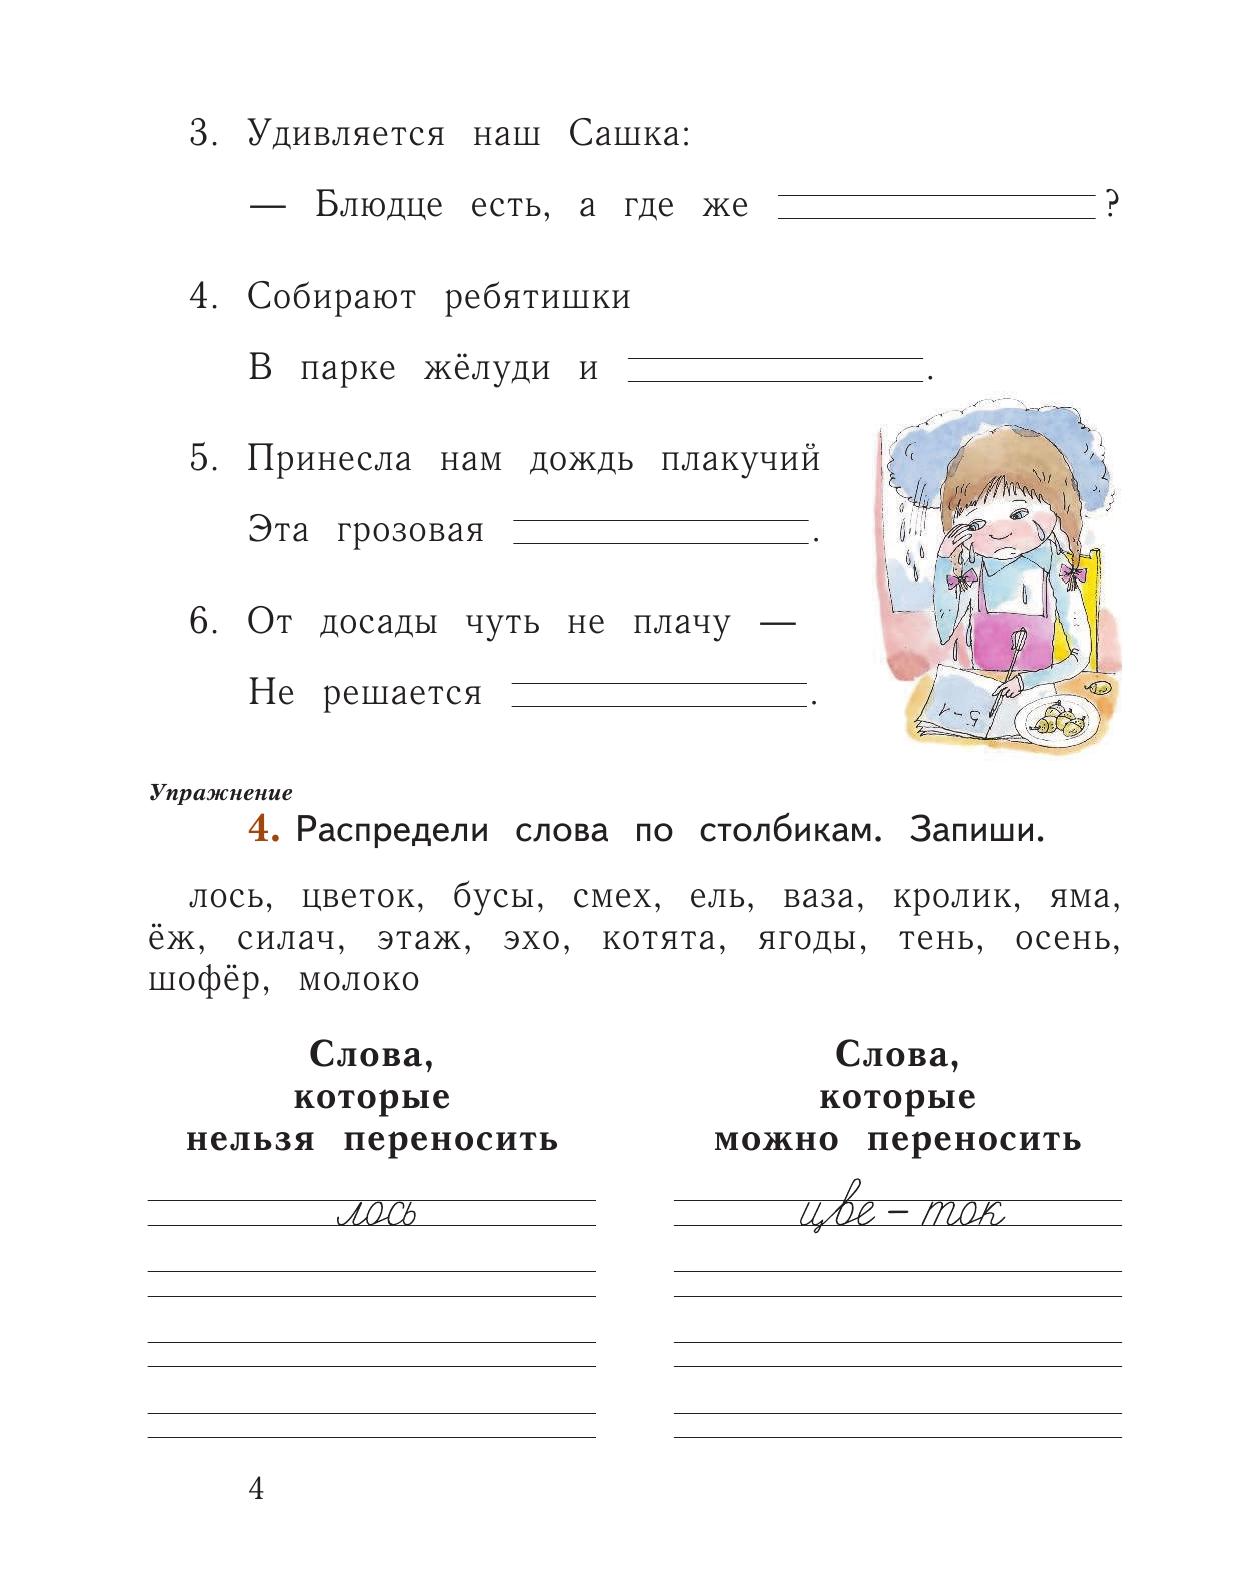 гдз рабочая русскому языку тетрадь иванов решебник класс 3 по евдокимова